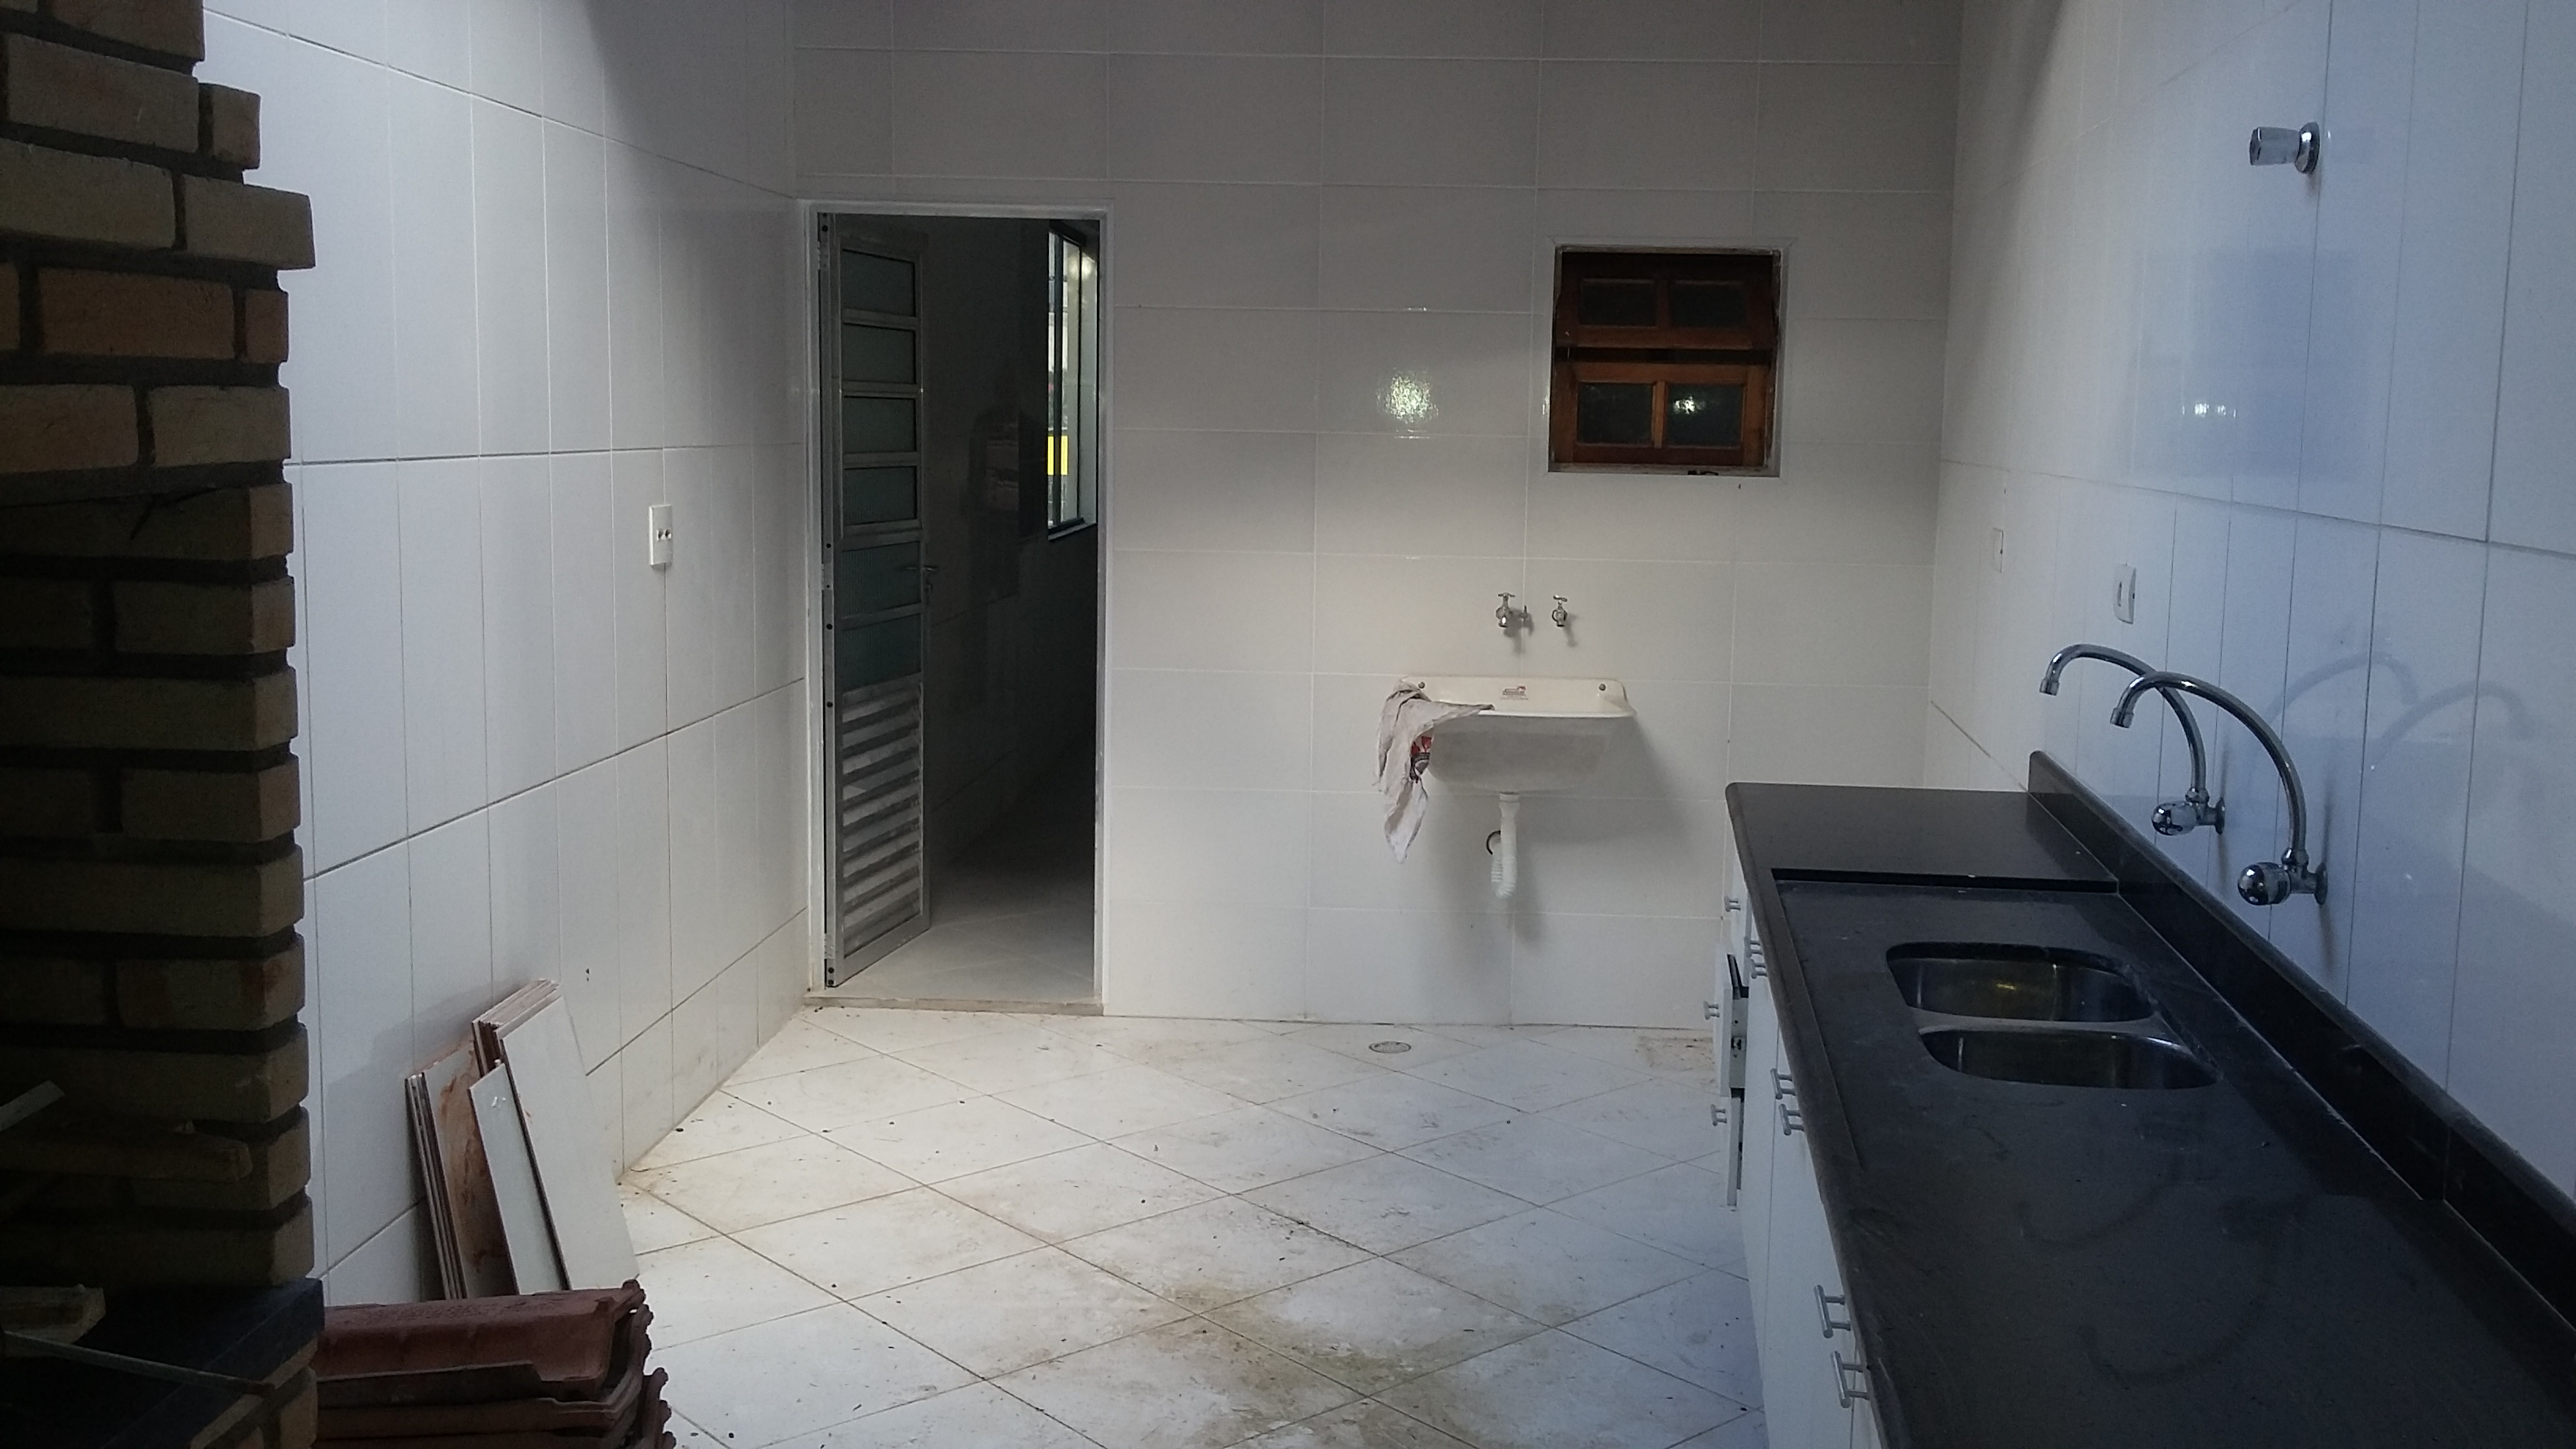 Im Veis Para Loca O Planeta Im Veis -> Quarto Sala Cozinha E Banheiro Para Alugar Em Sp